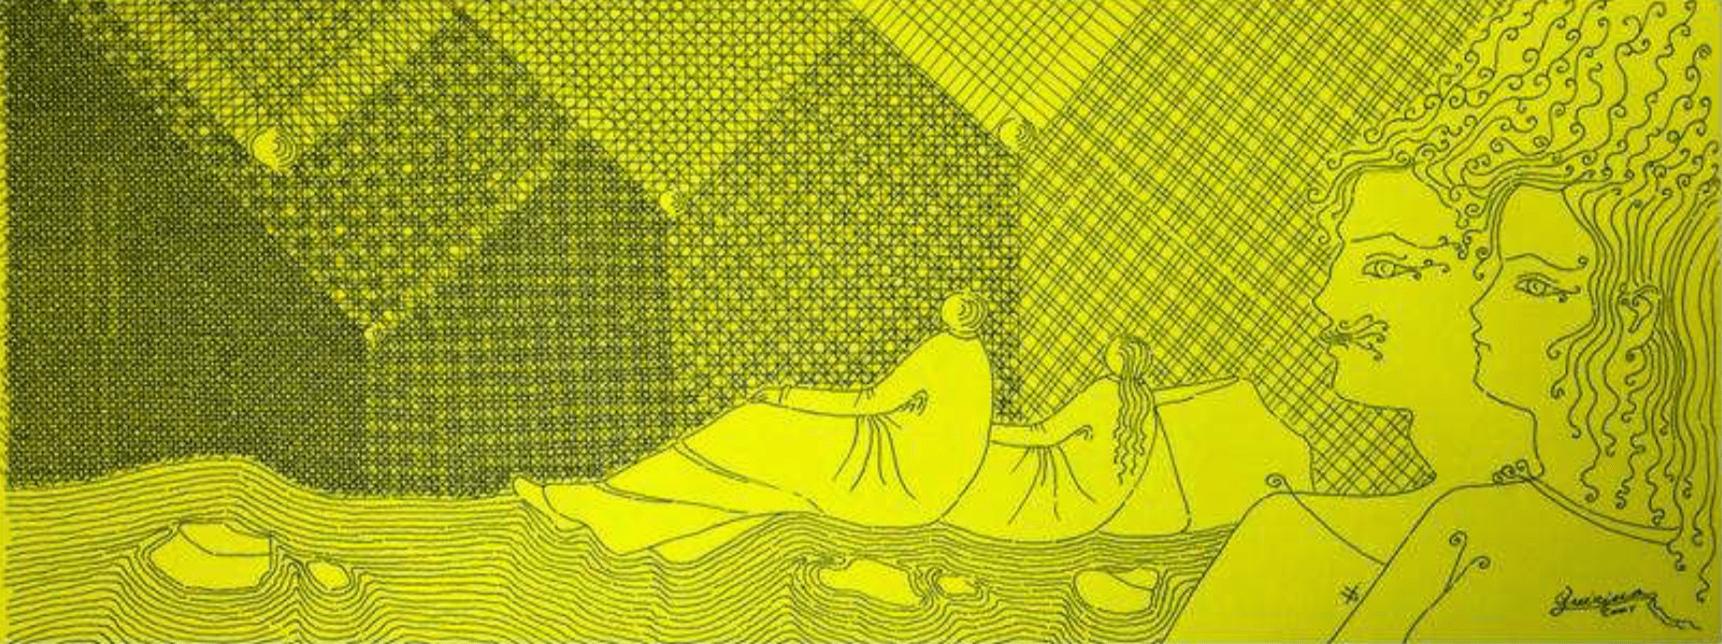 Uomini del terzo millennio, 2001, china retinata nera su cartoncino giallo cm. 23,50 x 60